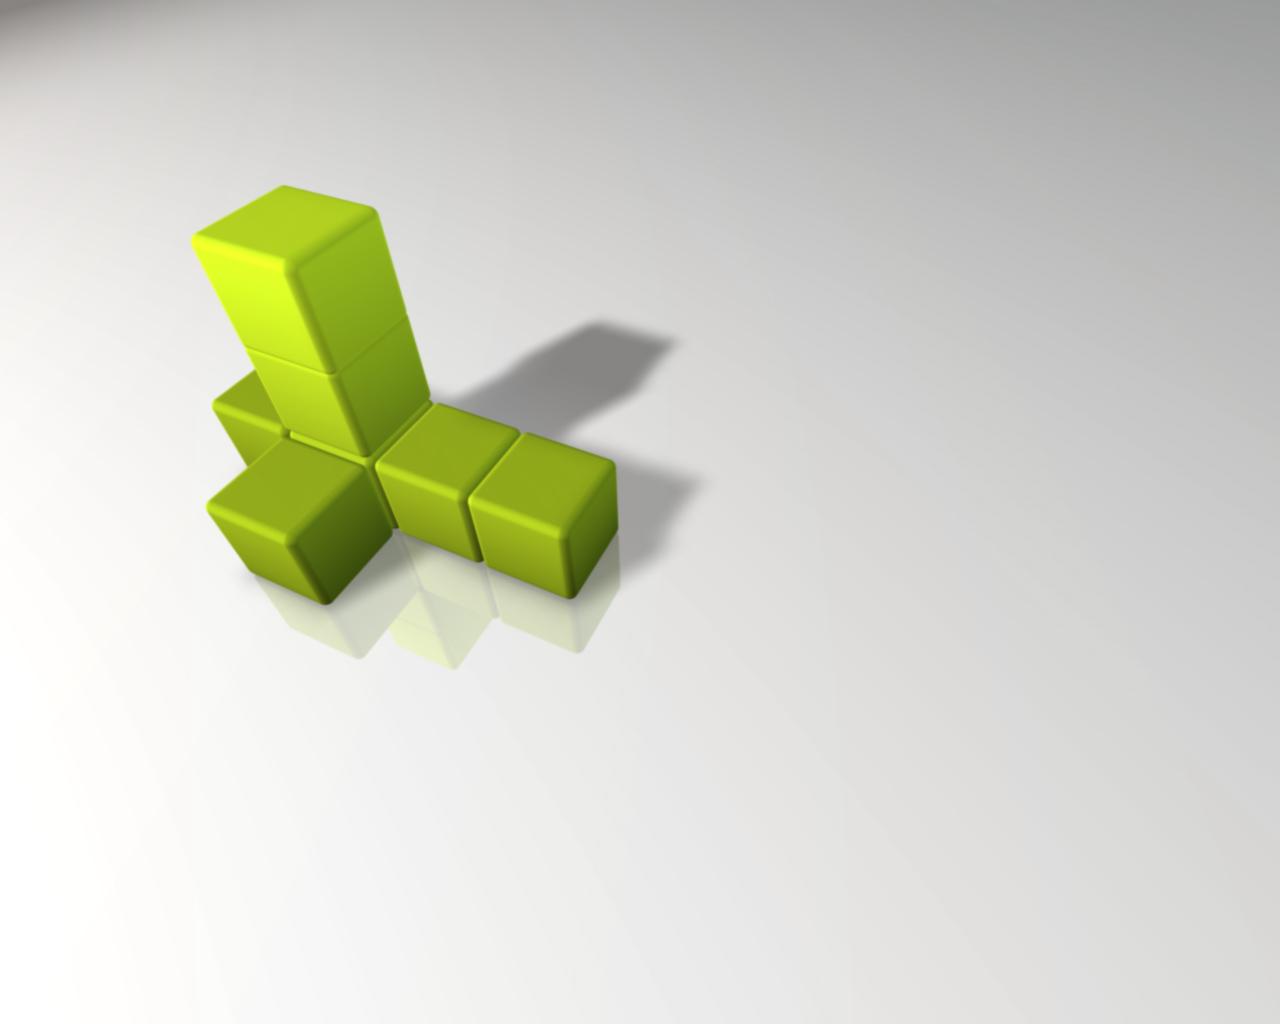 cubes blurry green cubes desktop abstract 1920 x 1200 green cubes 1280x1024